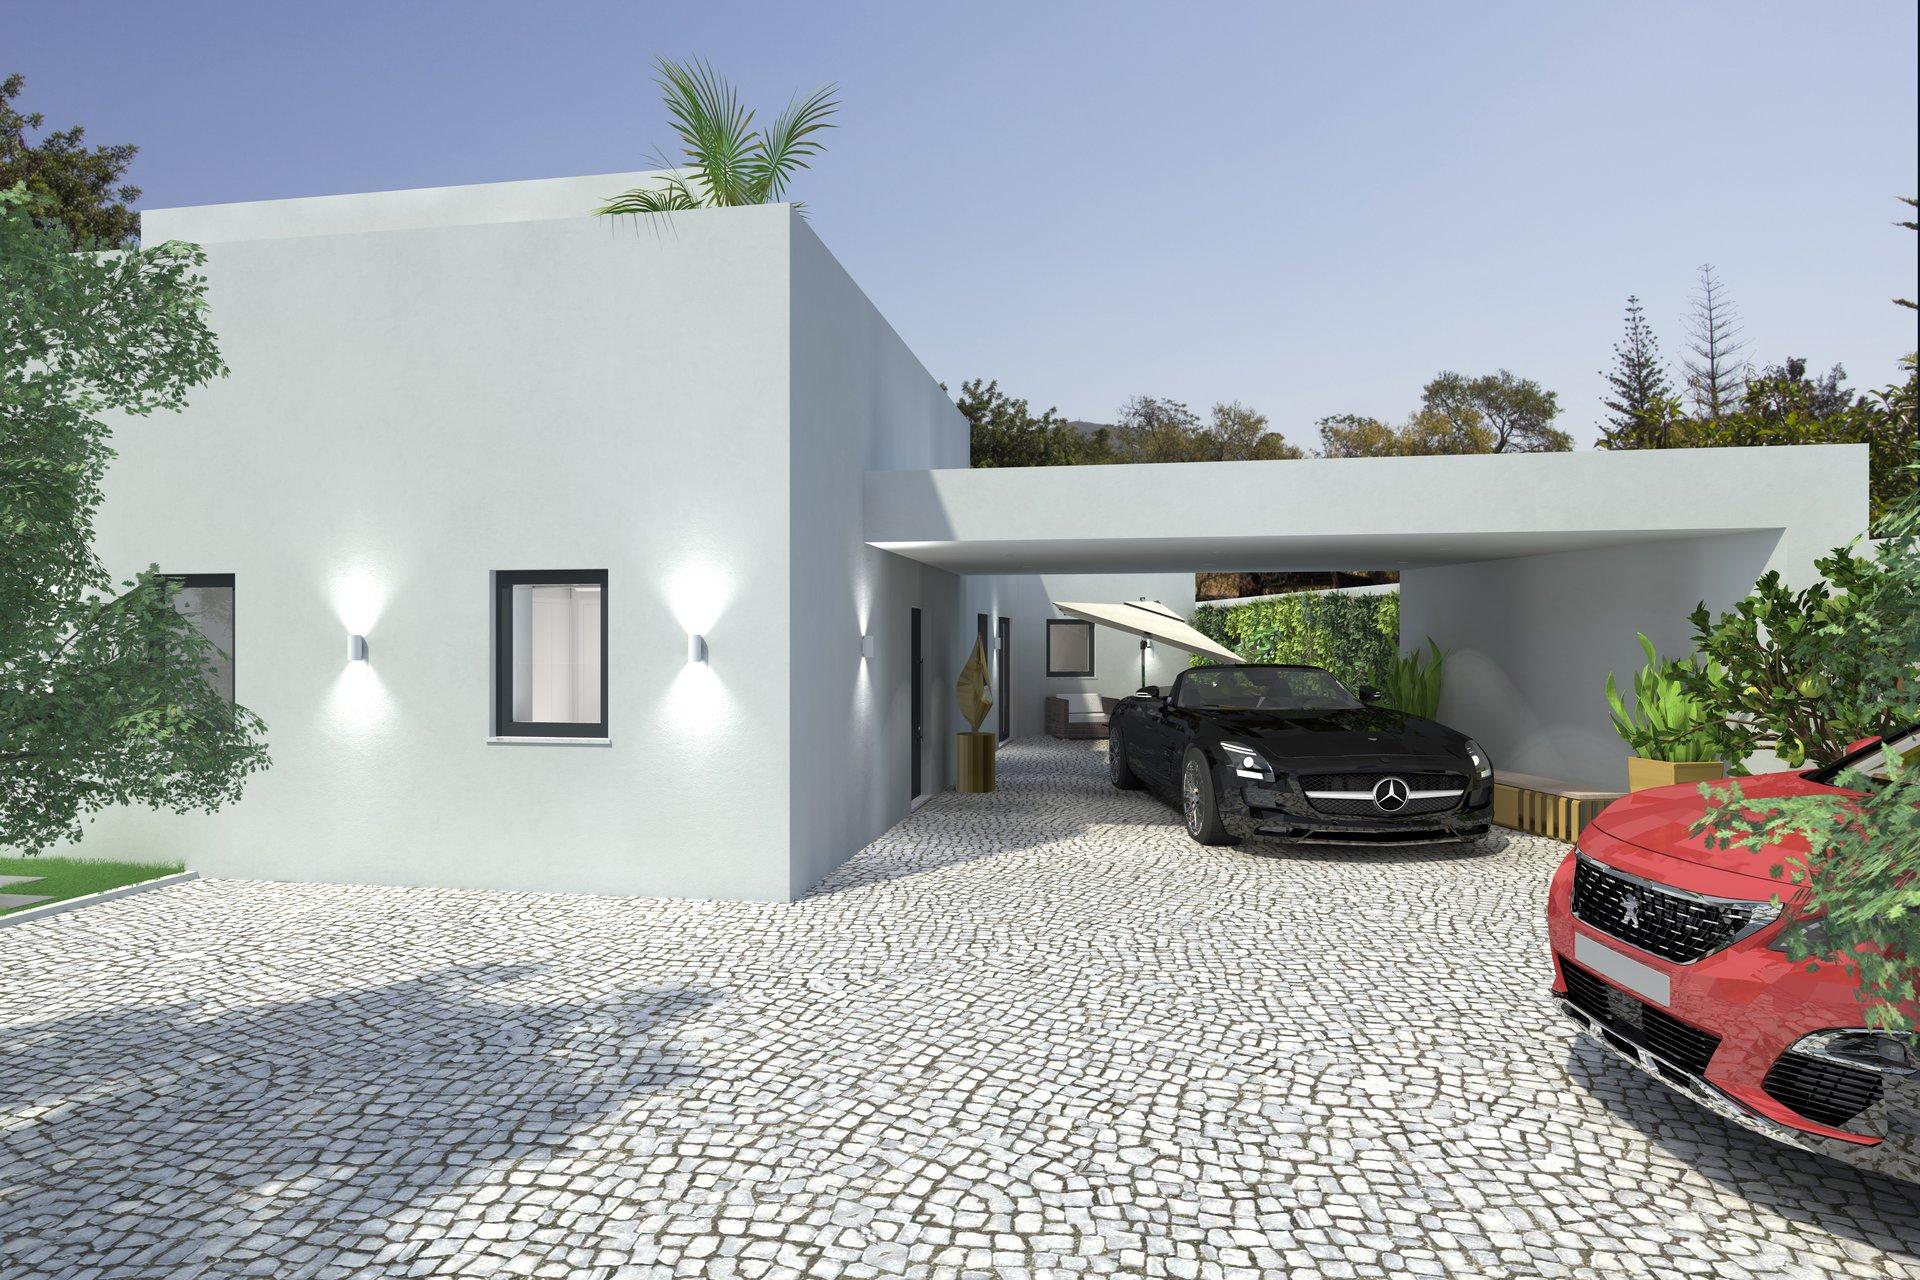 4 Bedroom Villa Santa Barbara de Nexe, Central Algarve Ref: RV5449